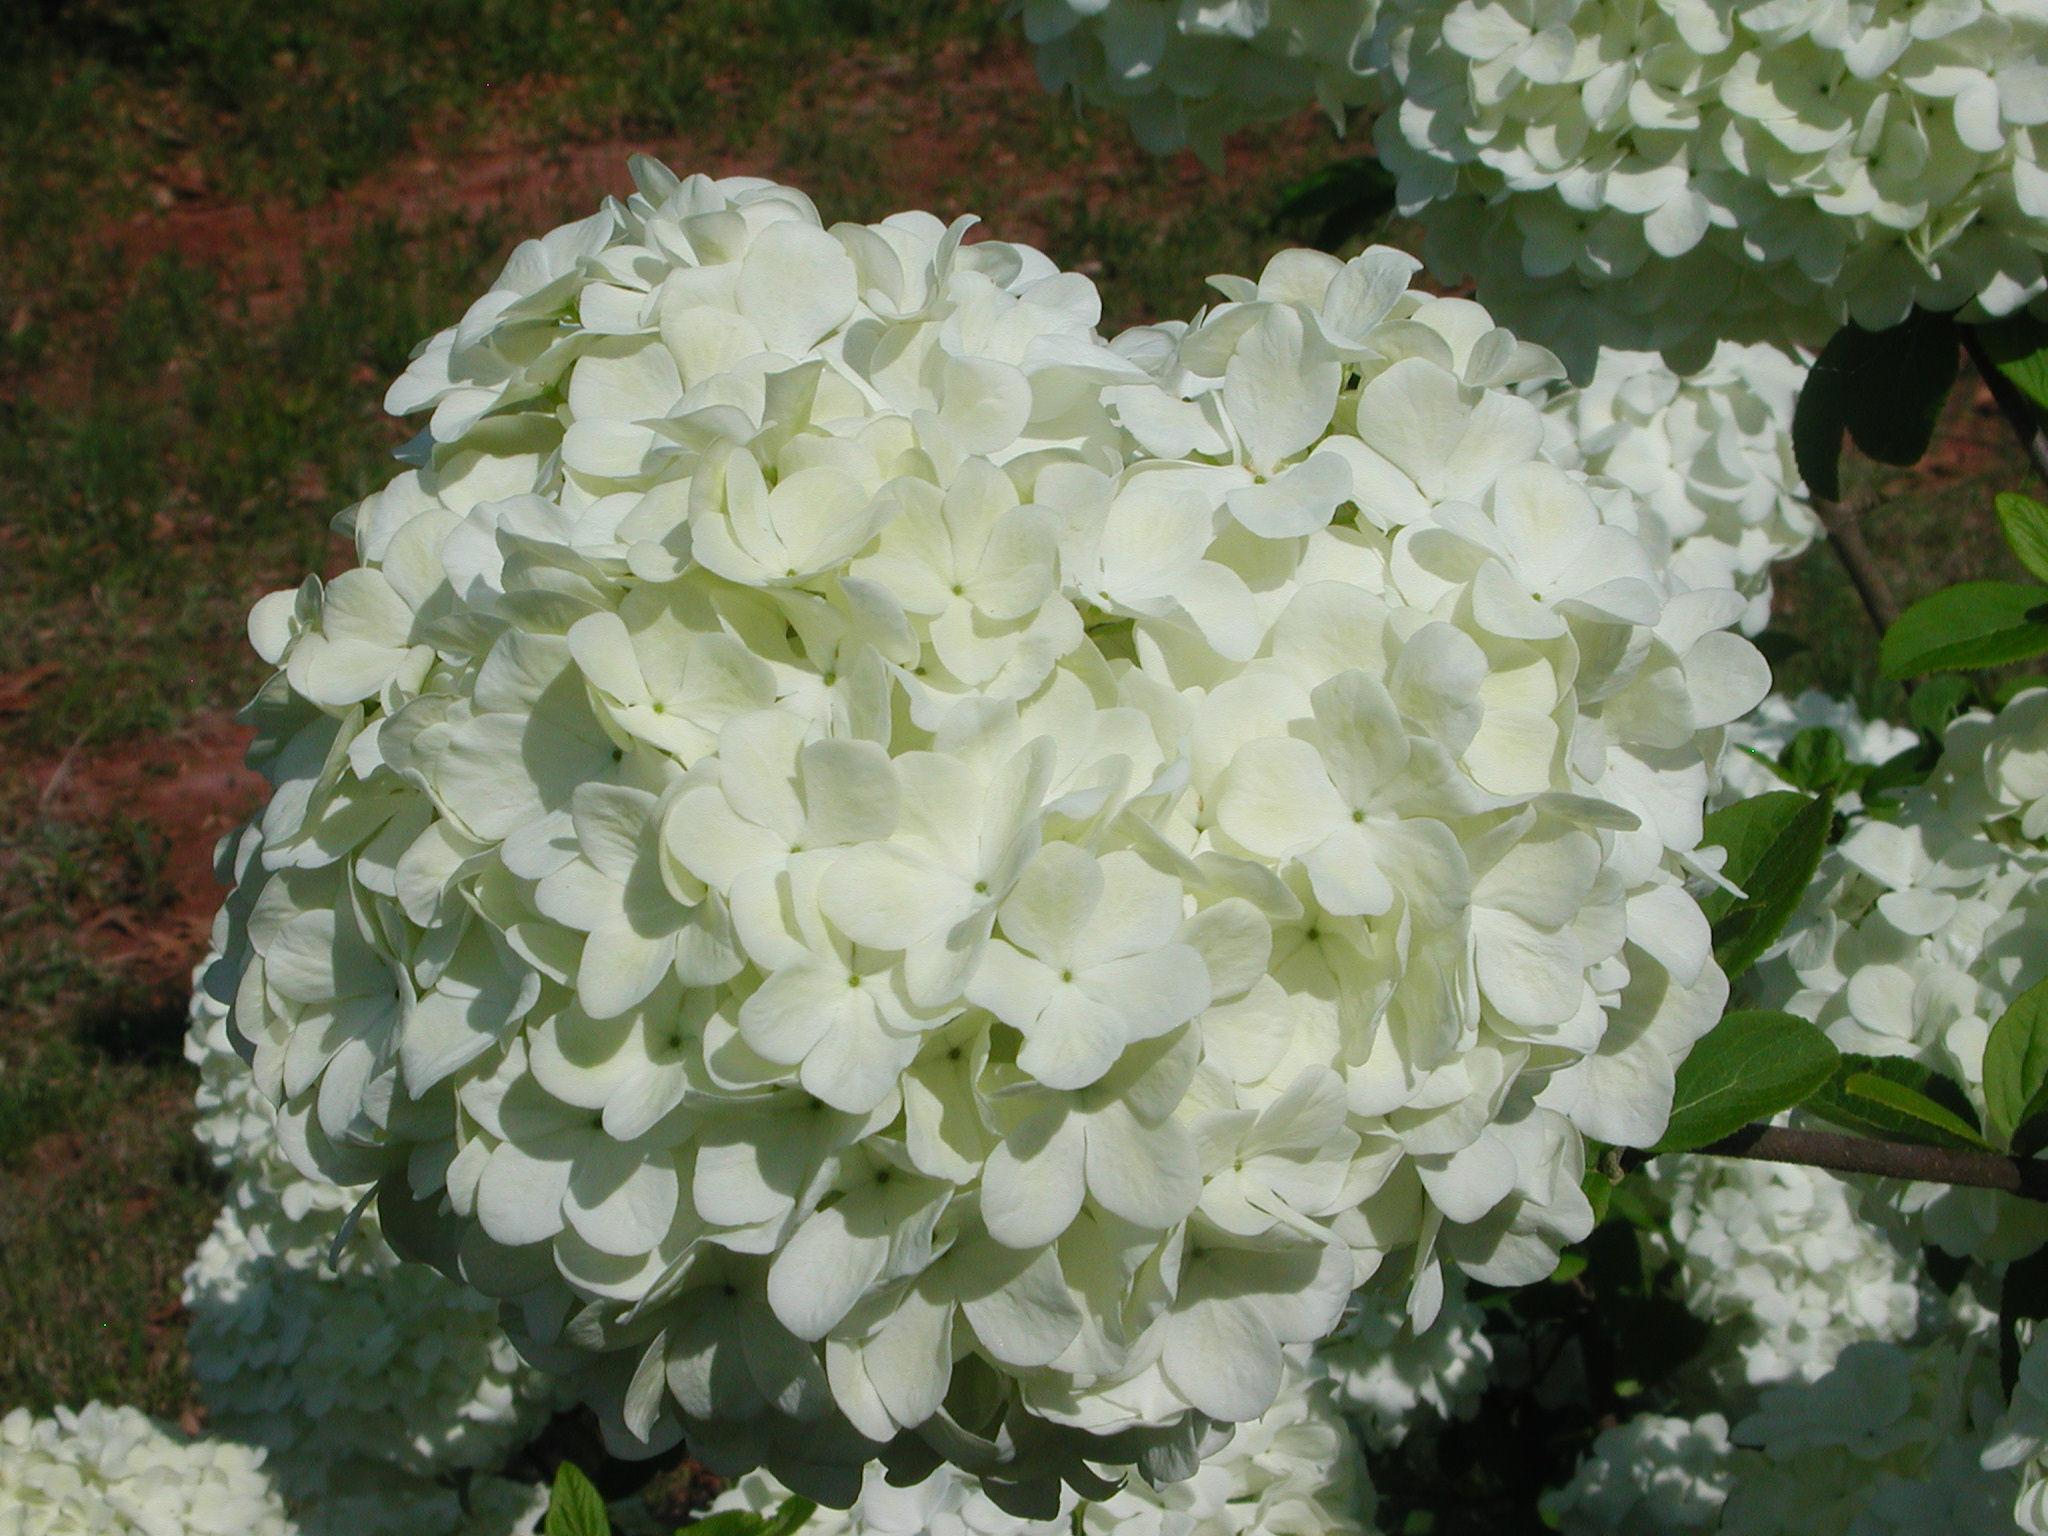 White flowers of chinese snowball viburnum nature photo gallery white flowers of chinese snowball viburnum mightylinksfo